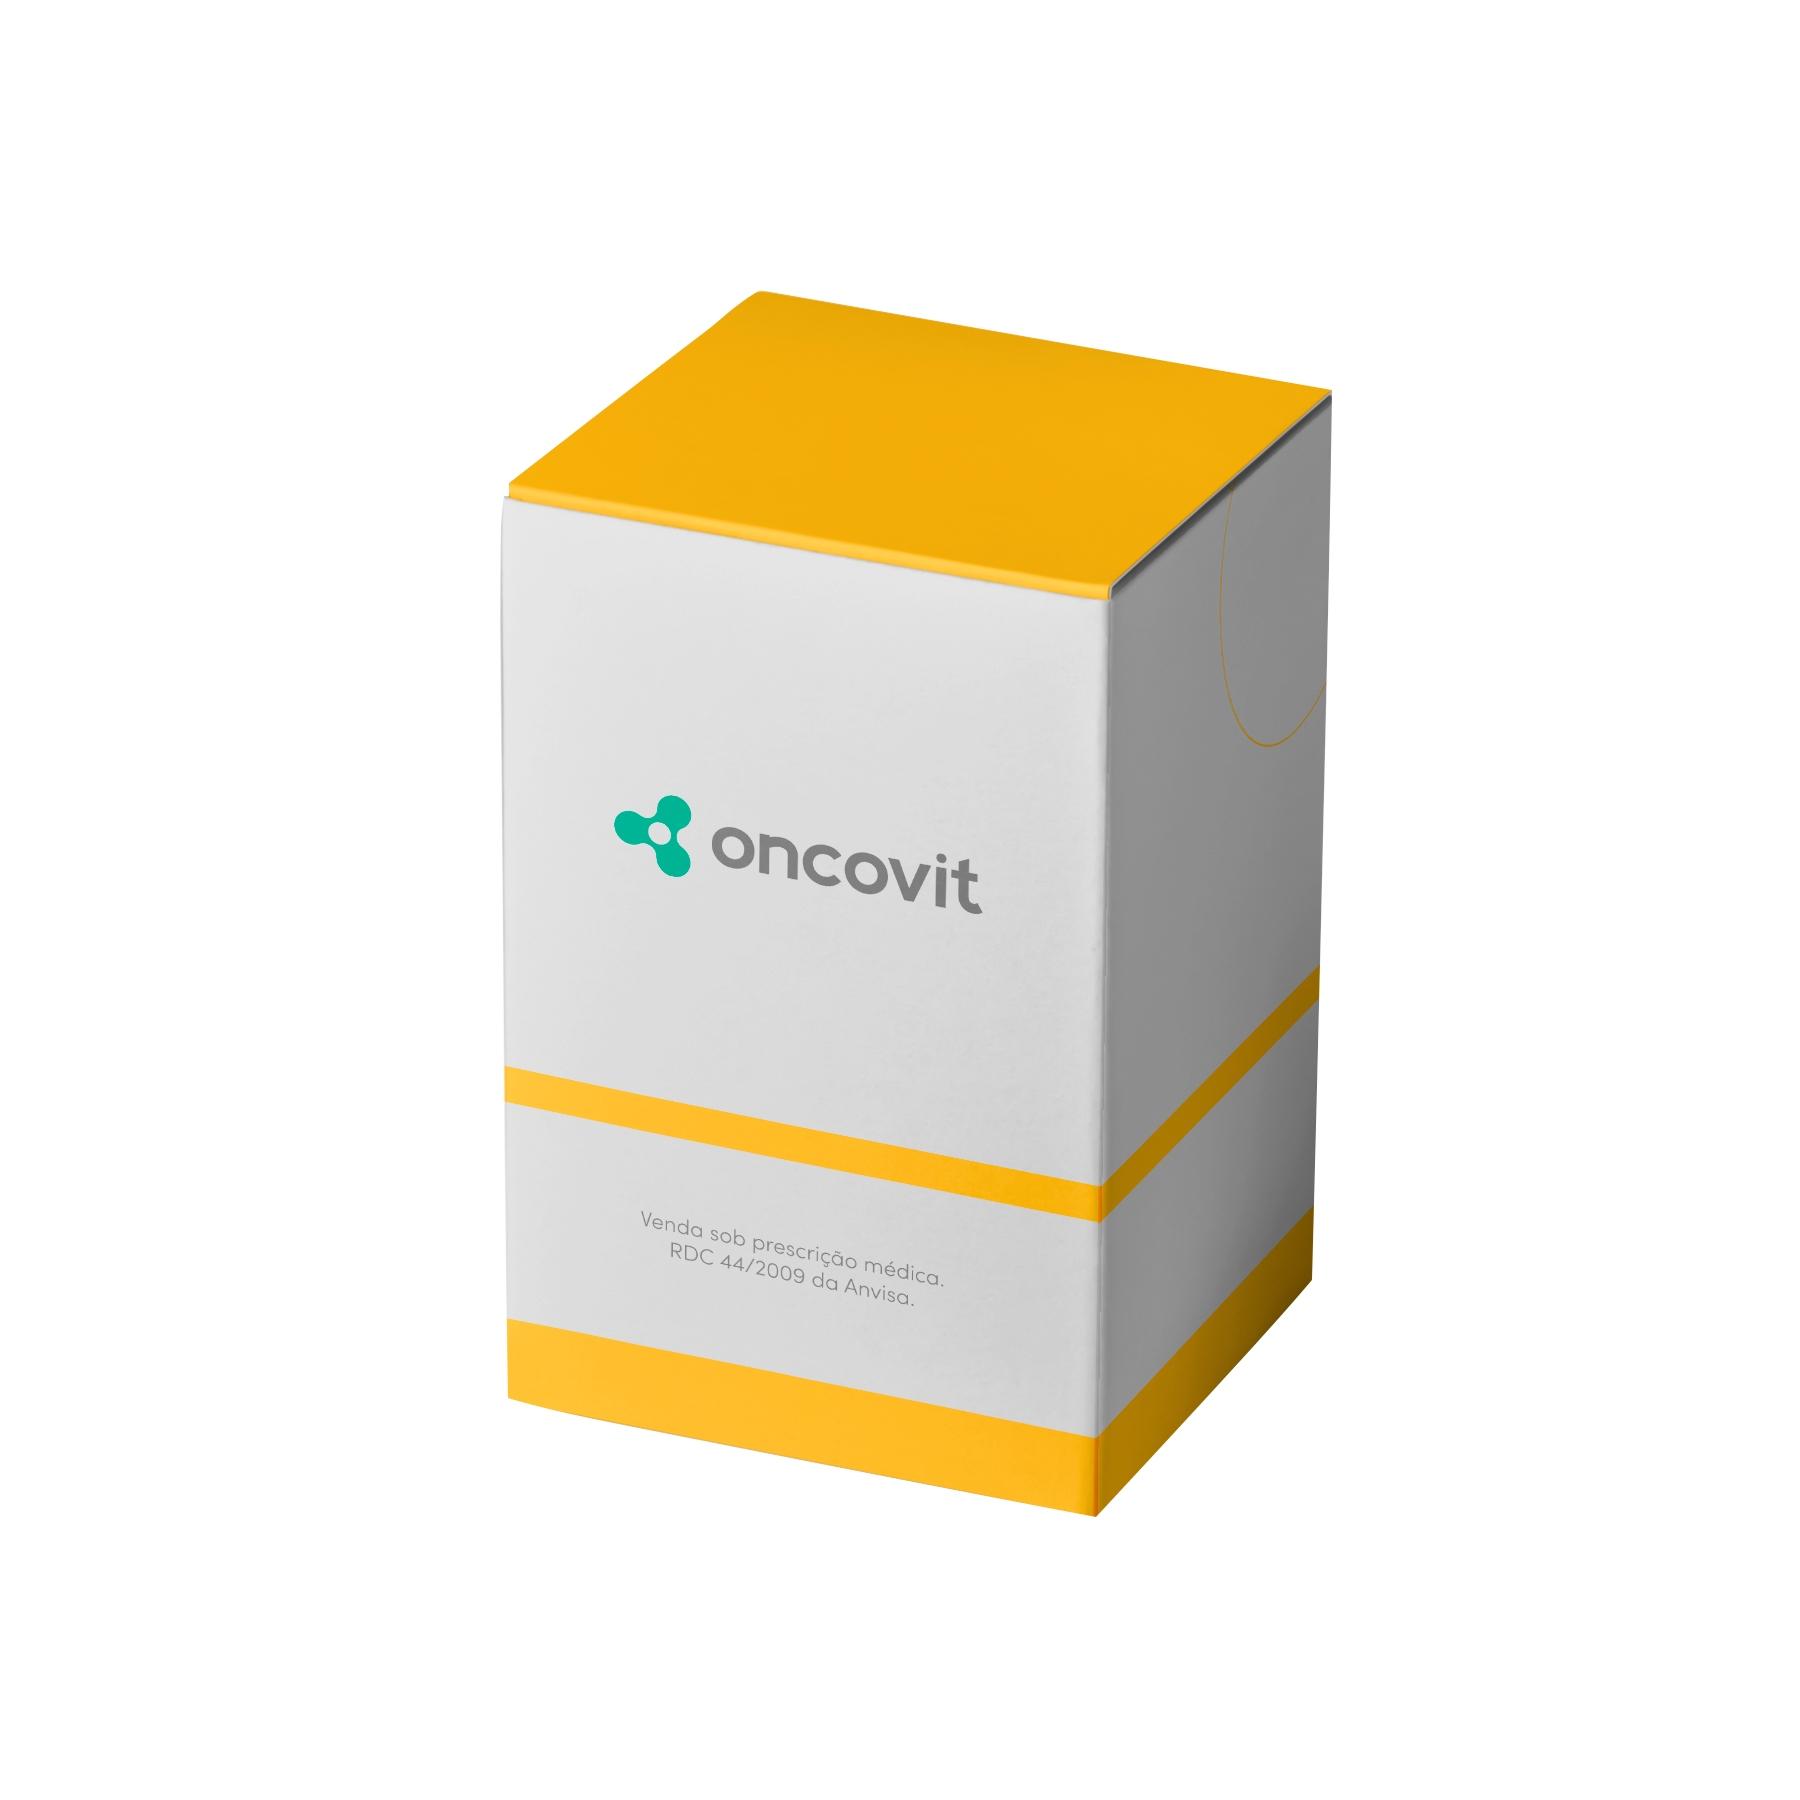 Enoxalow 40mg/0,4mL caixa com 10 seringas preenchidas com 0,4mL de solução de uso intravenoso + sistema de segurança